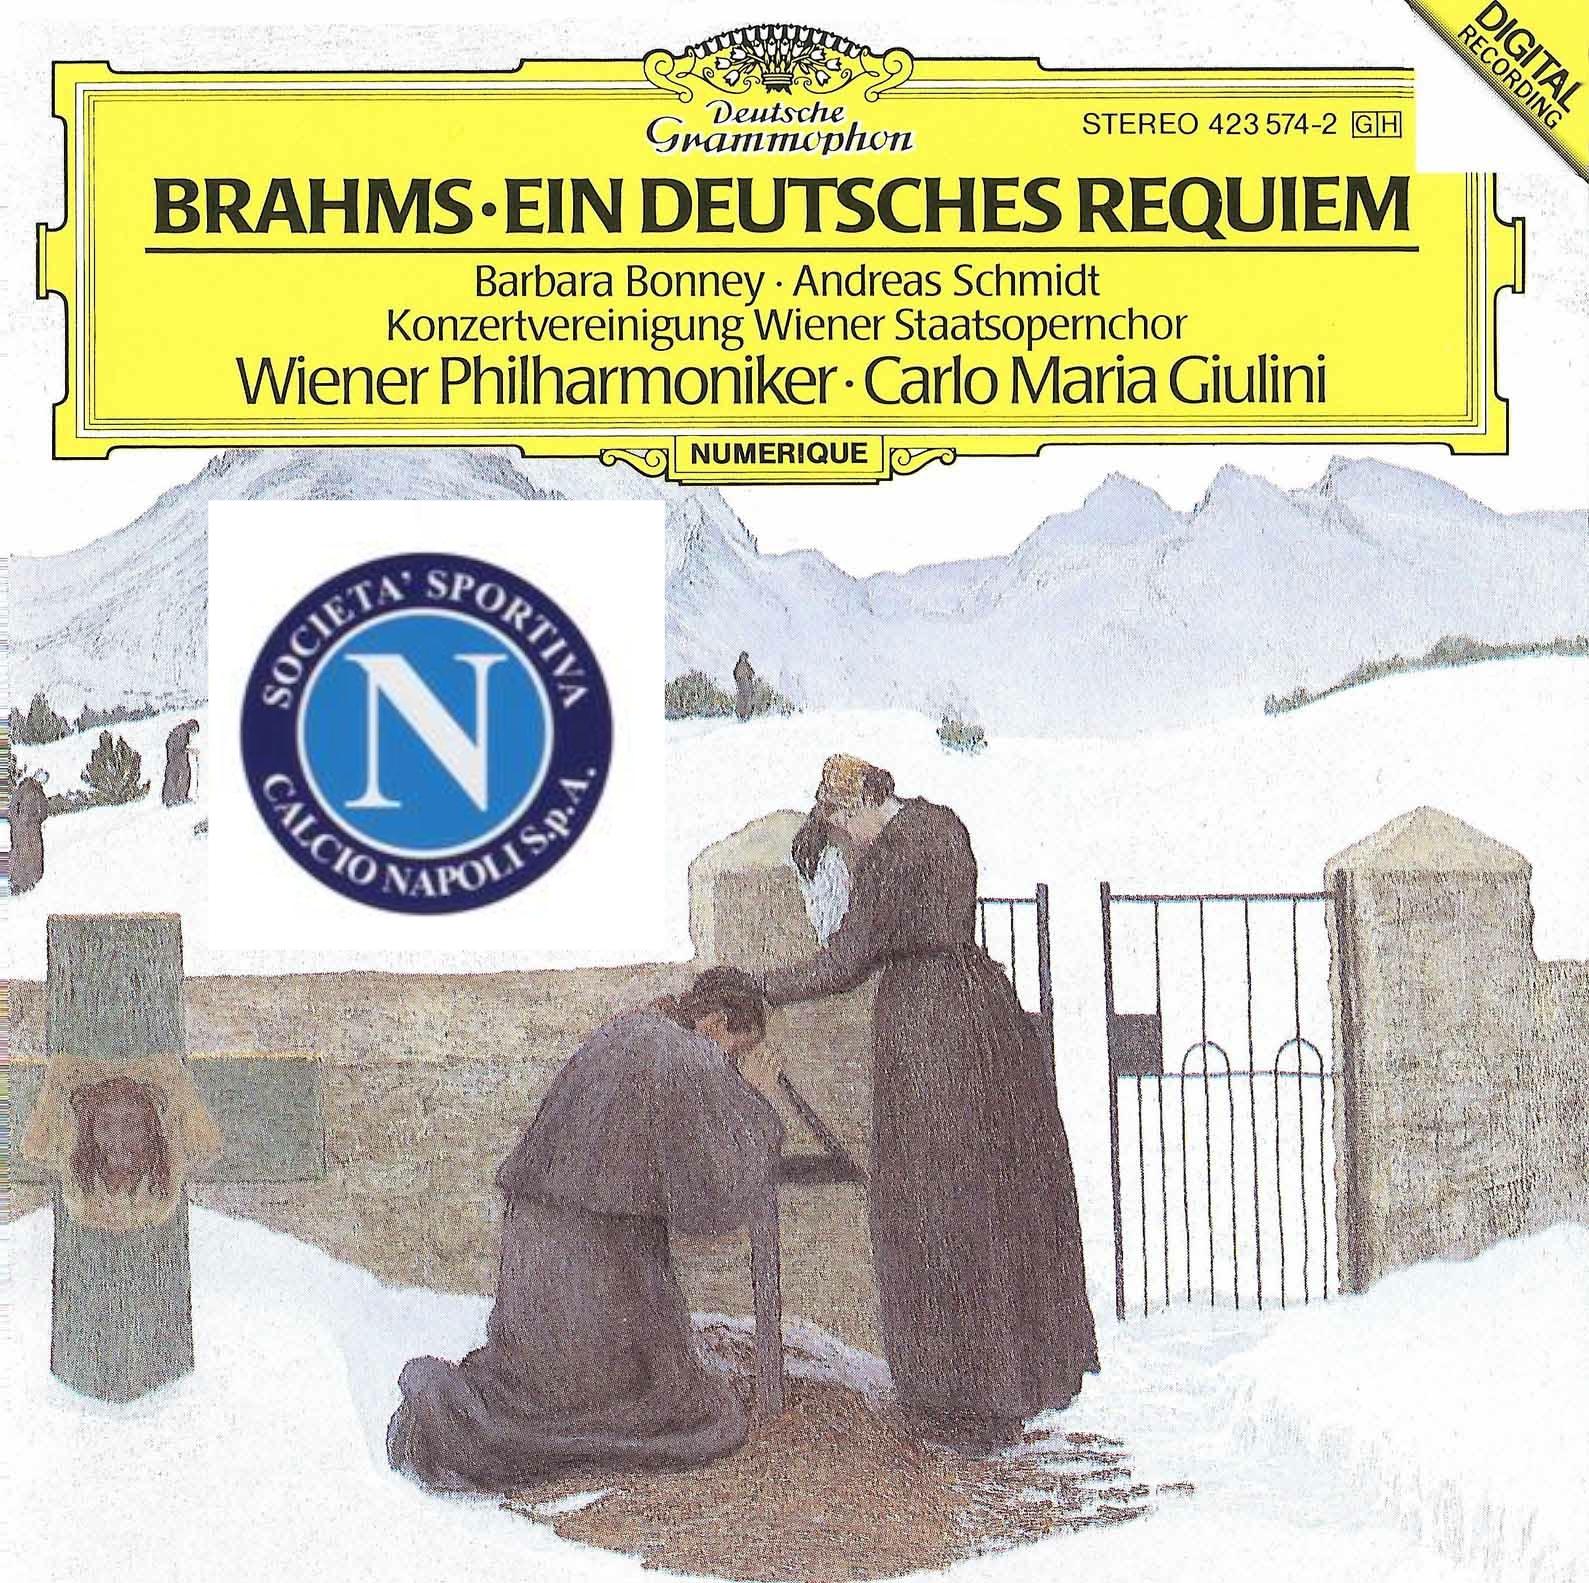 2013.11.27 - Ein deutsches Requiem